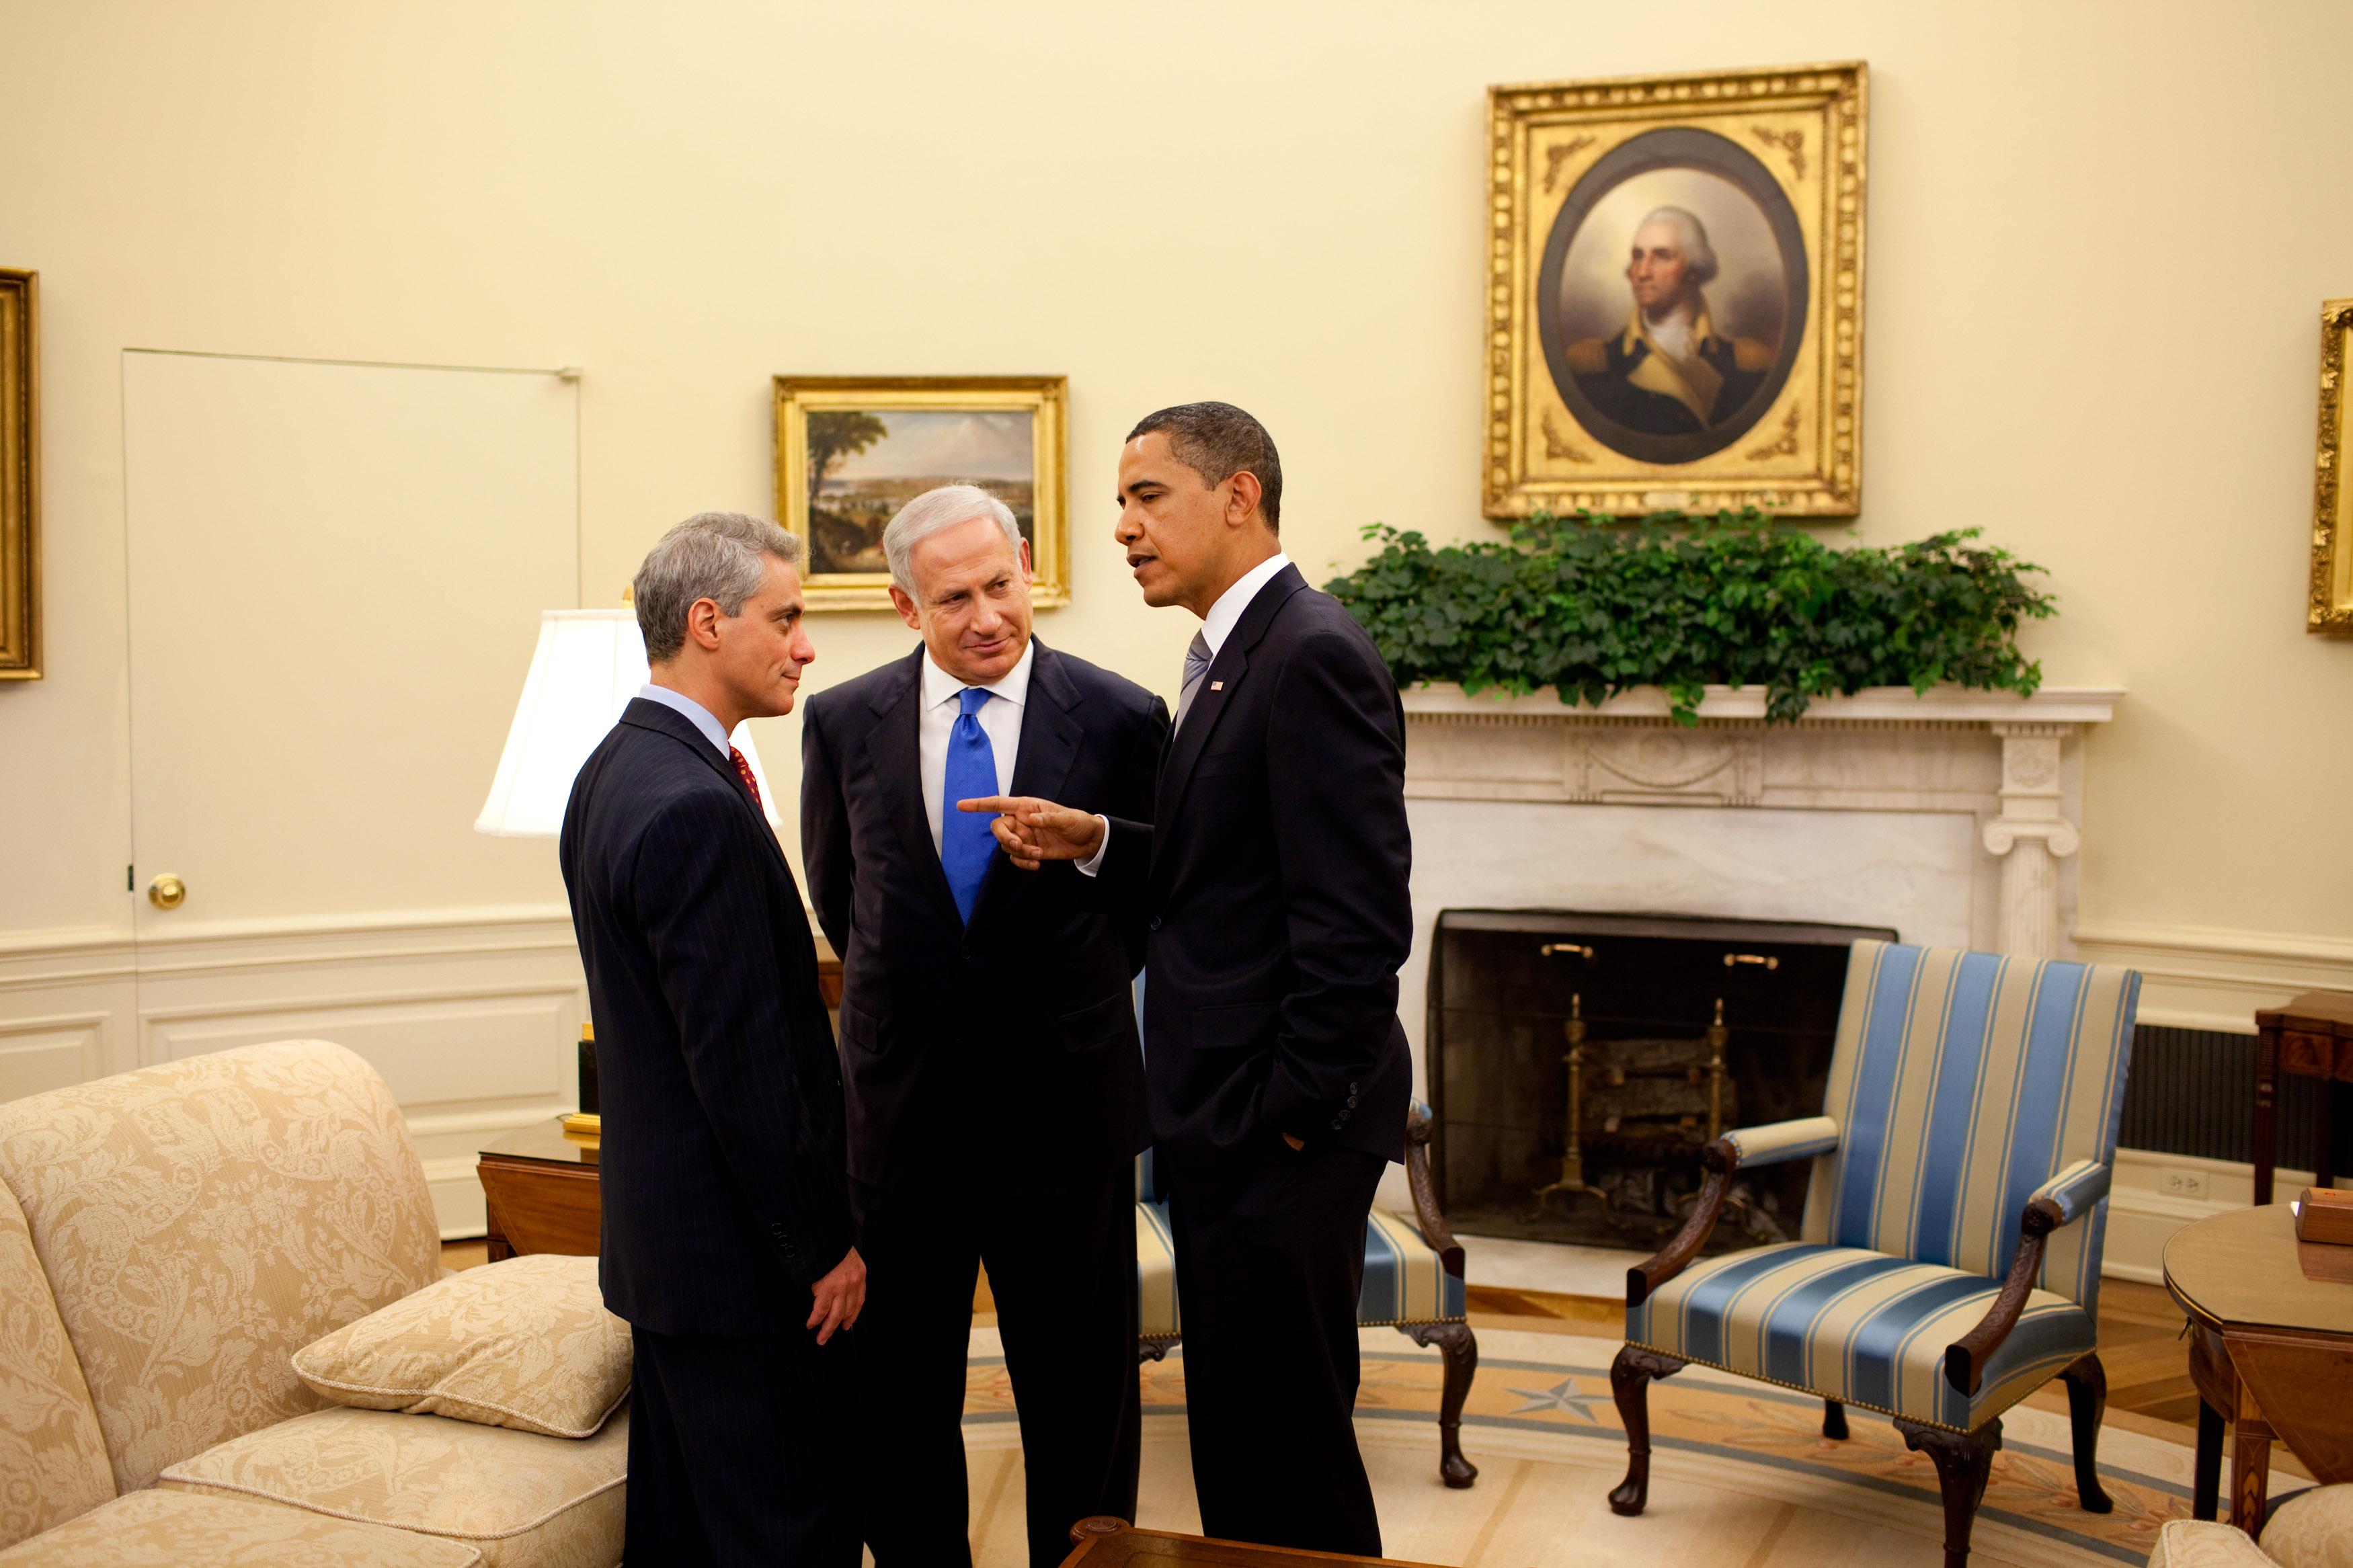 미국의 이스라엘 편애와 기독교 근본주의